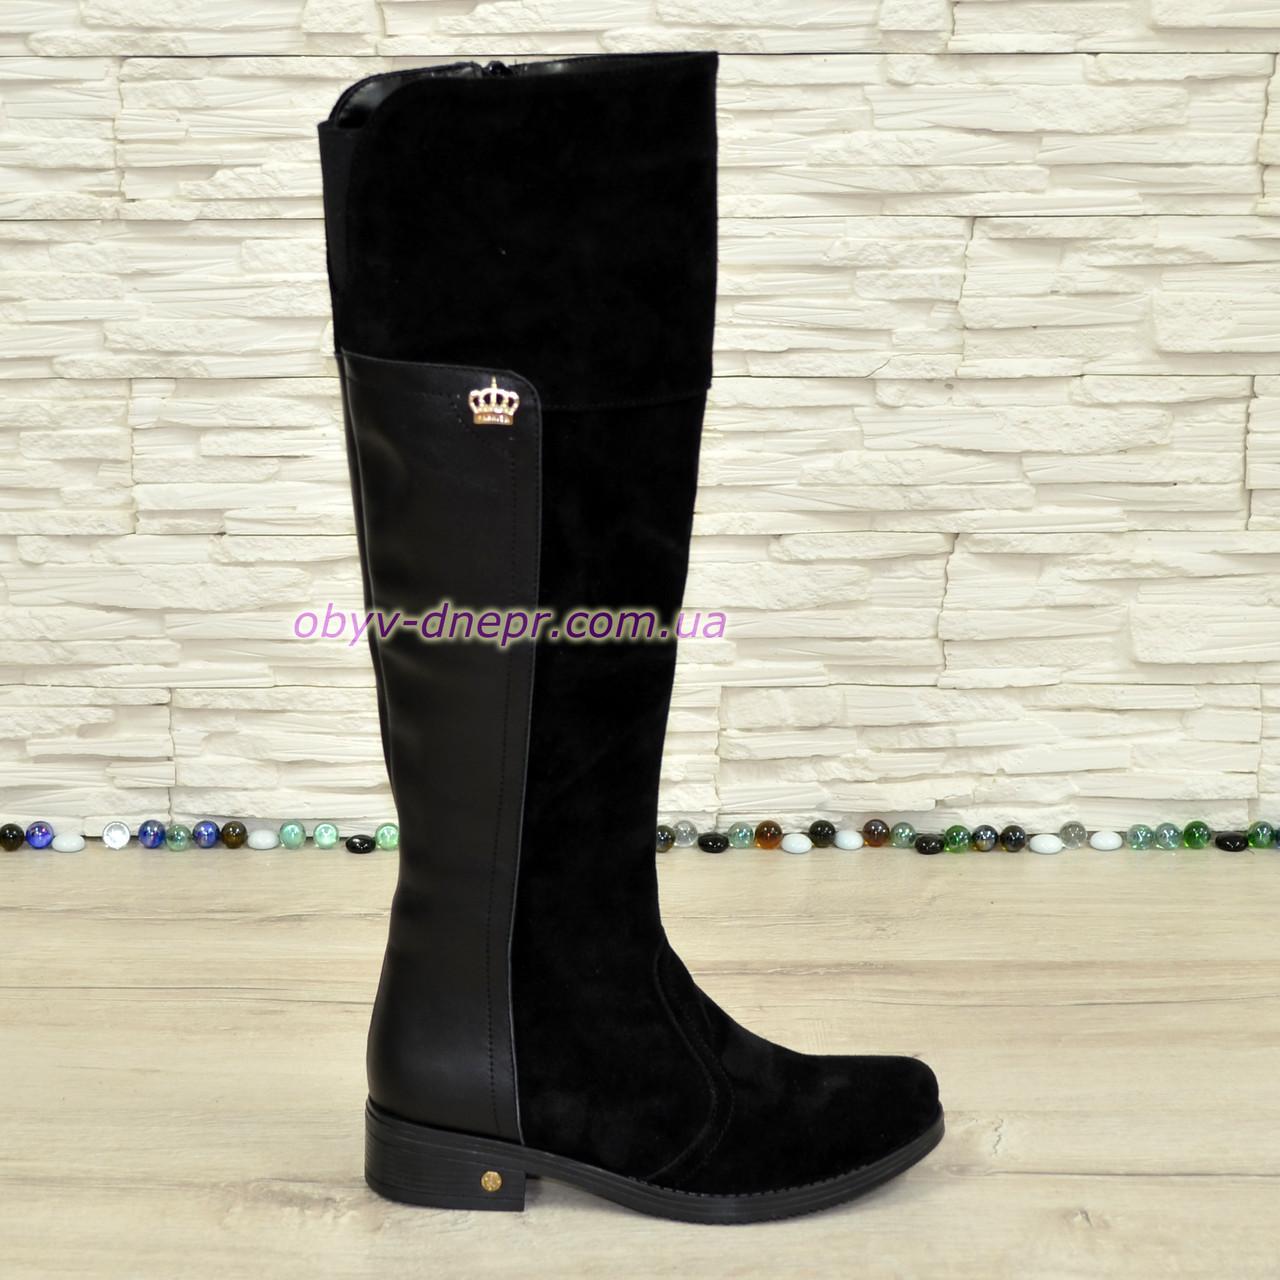 Ботфорты черные женские зимние на невысоком каблуке, натуральная замша и кожа.